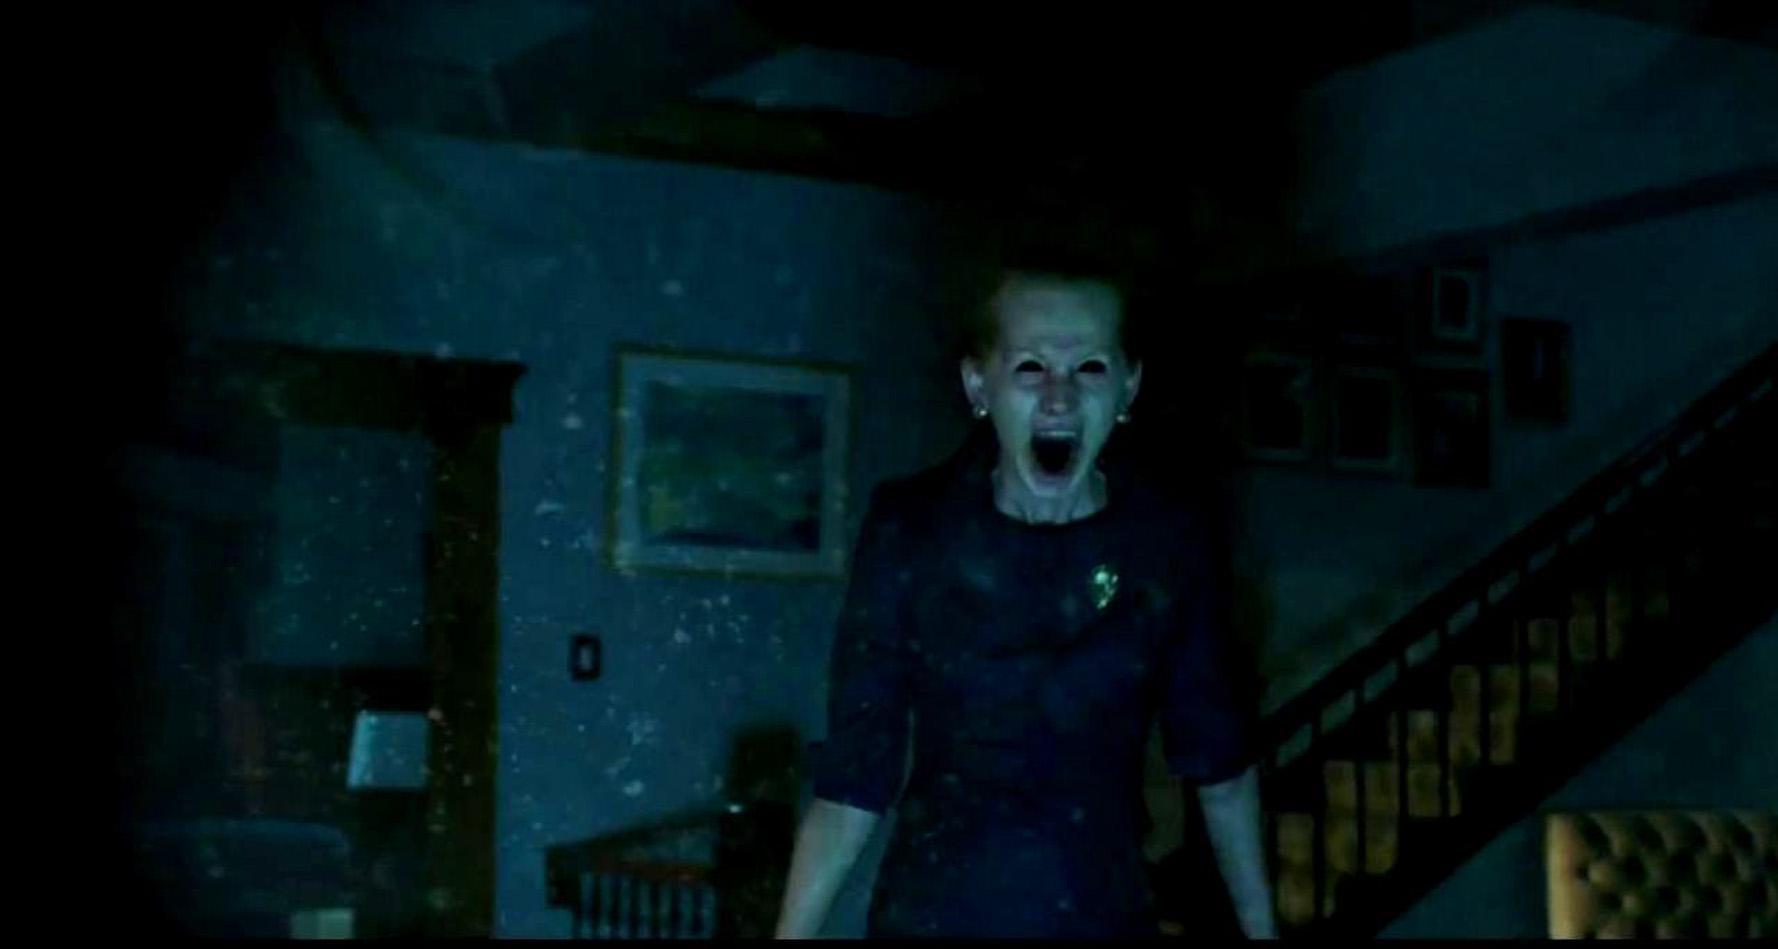 La bara volante ouija ho visto di peggio ho visto ouija - La tavola ouija film ...